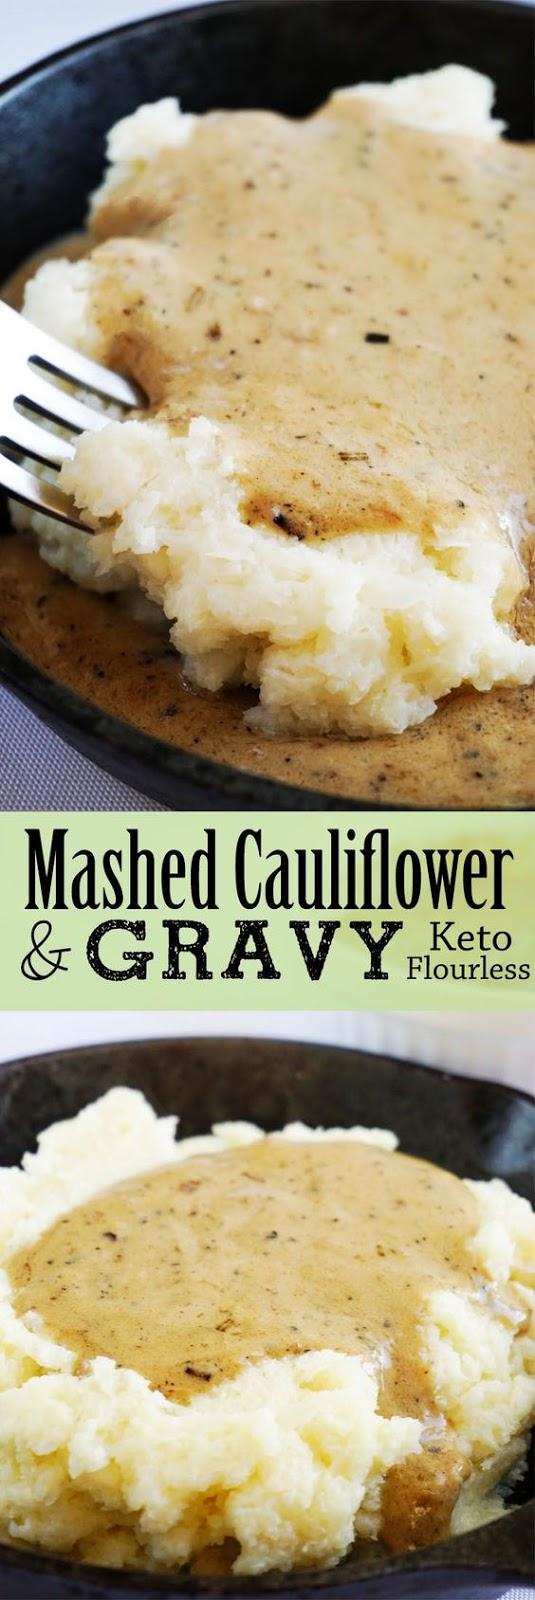 CREAMY CAULIFLOWER MASH AND KETO GRAVY